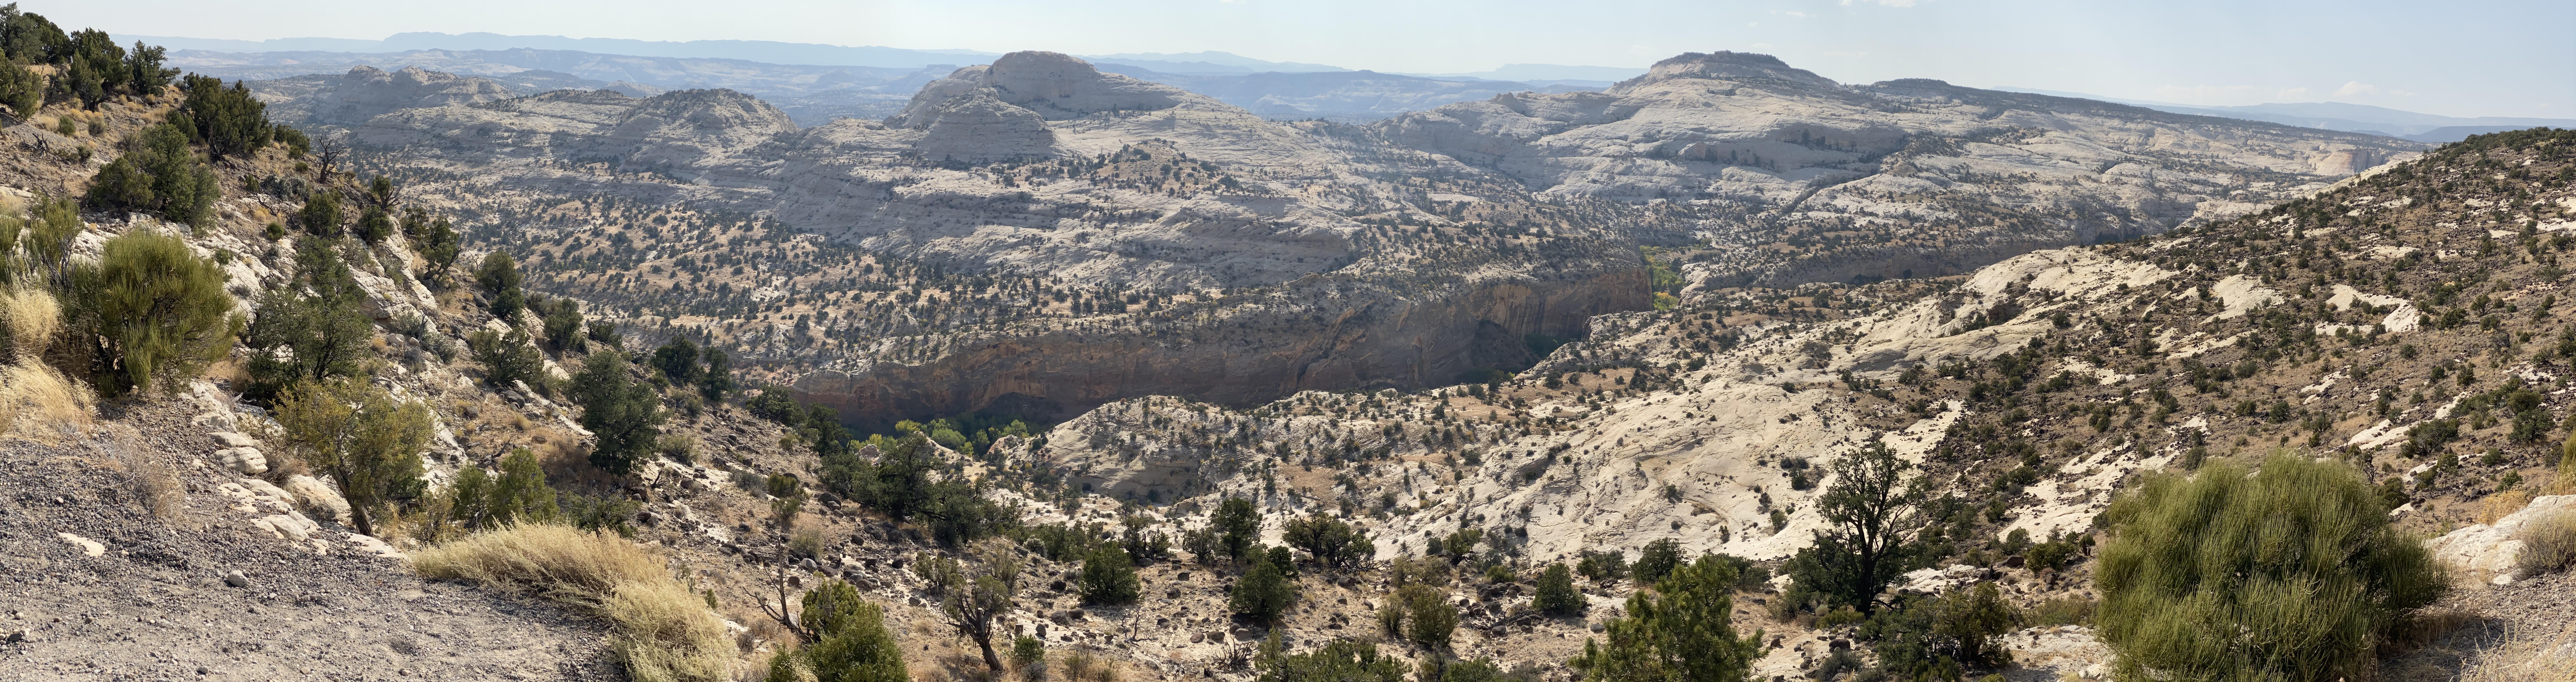 Canyon west of UT12 ridge.